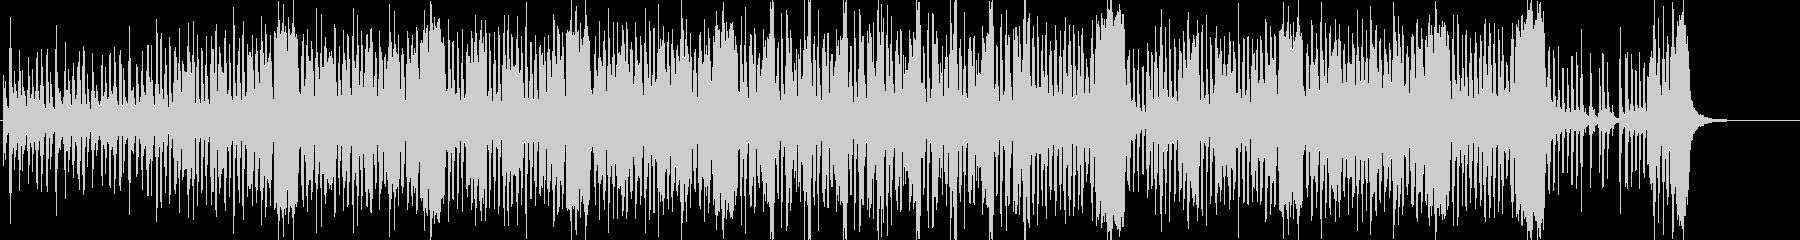 ノリの良いブラスバンド曲の未再生の波形